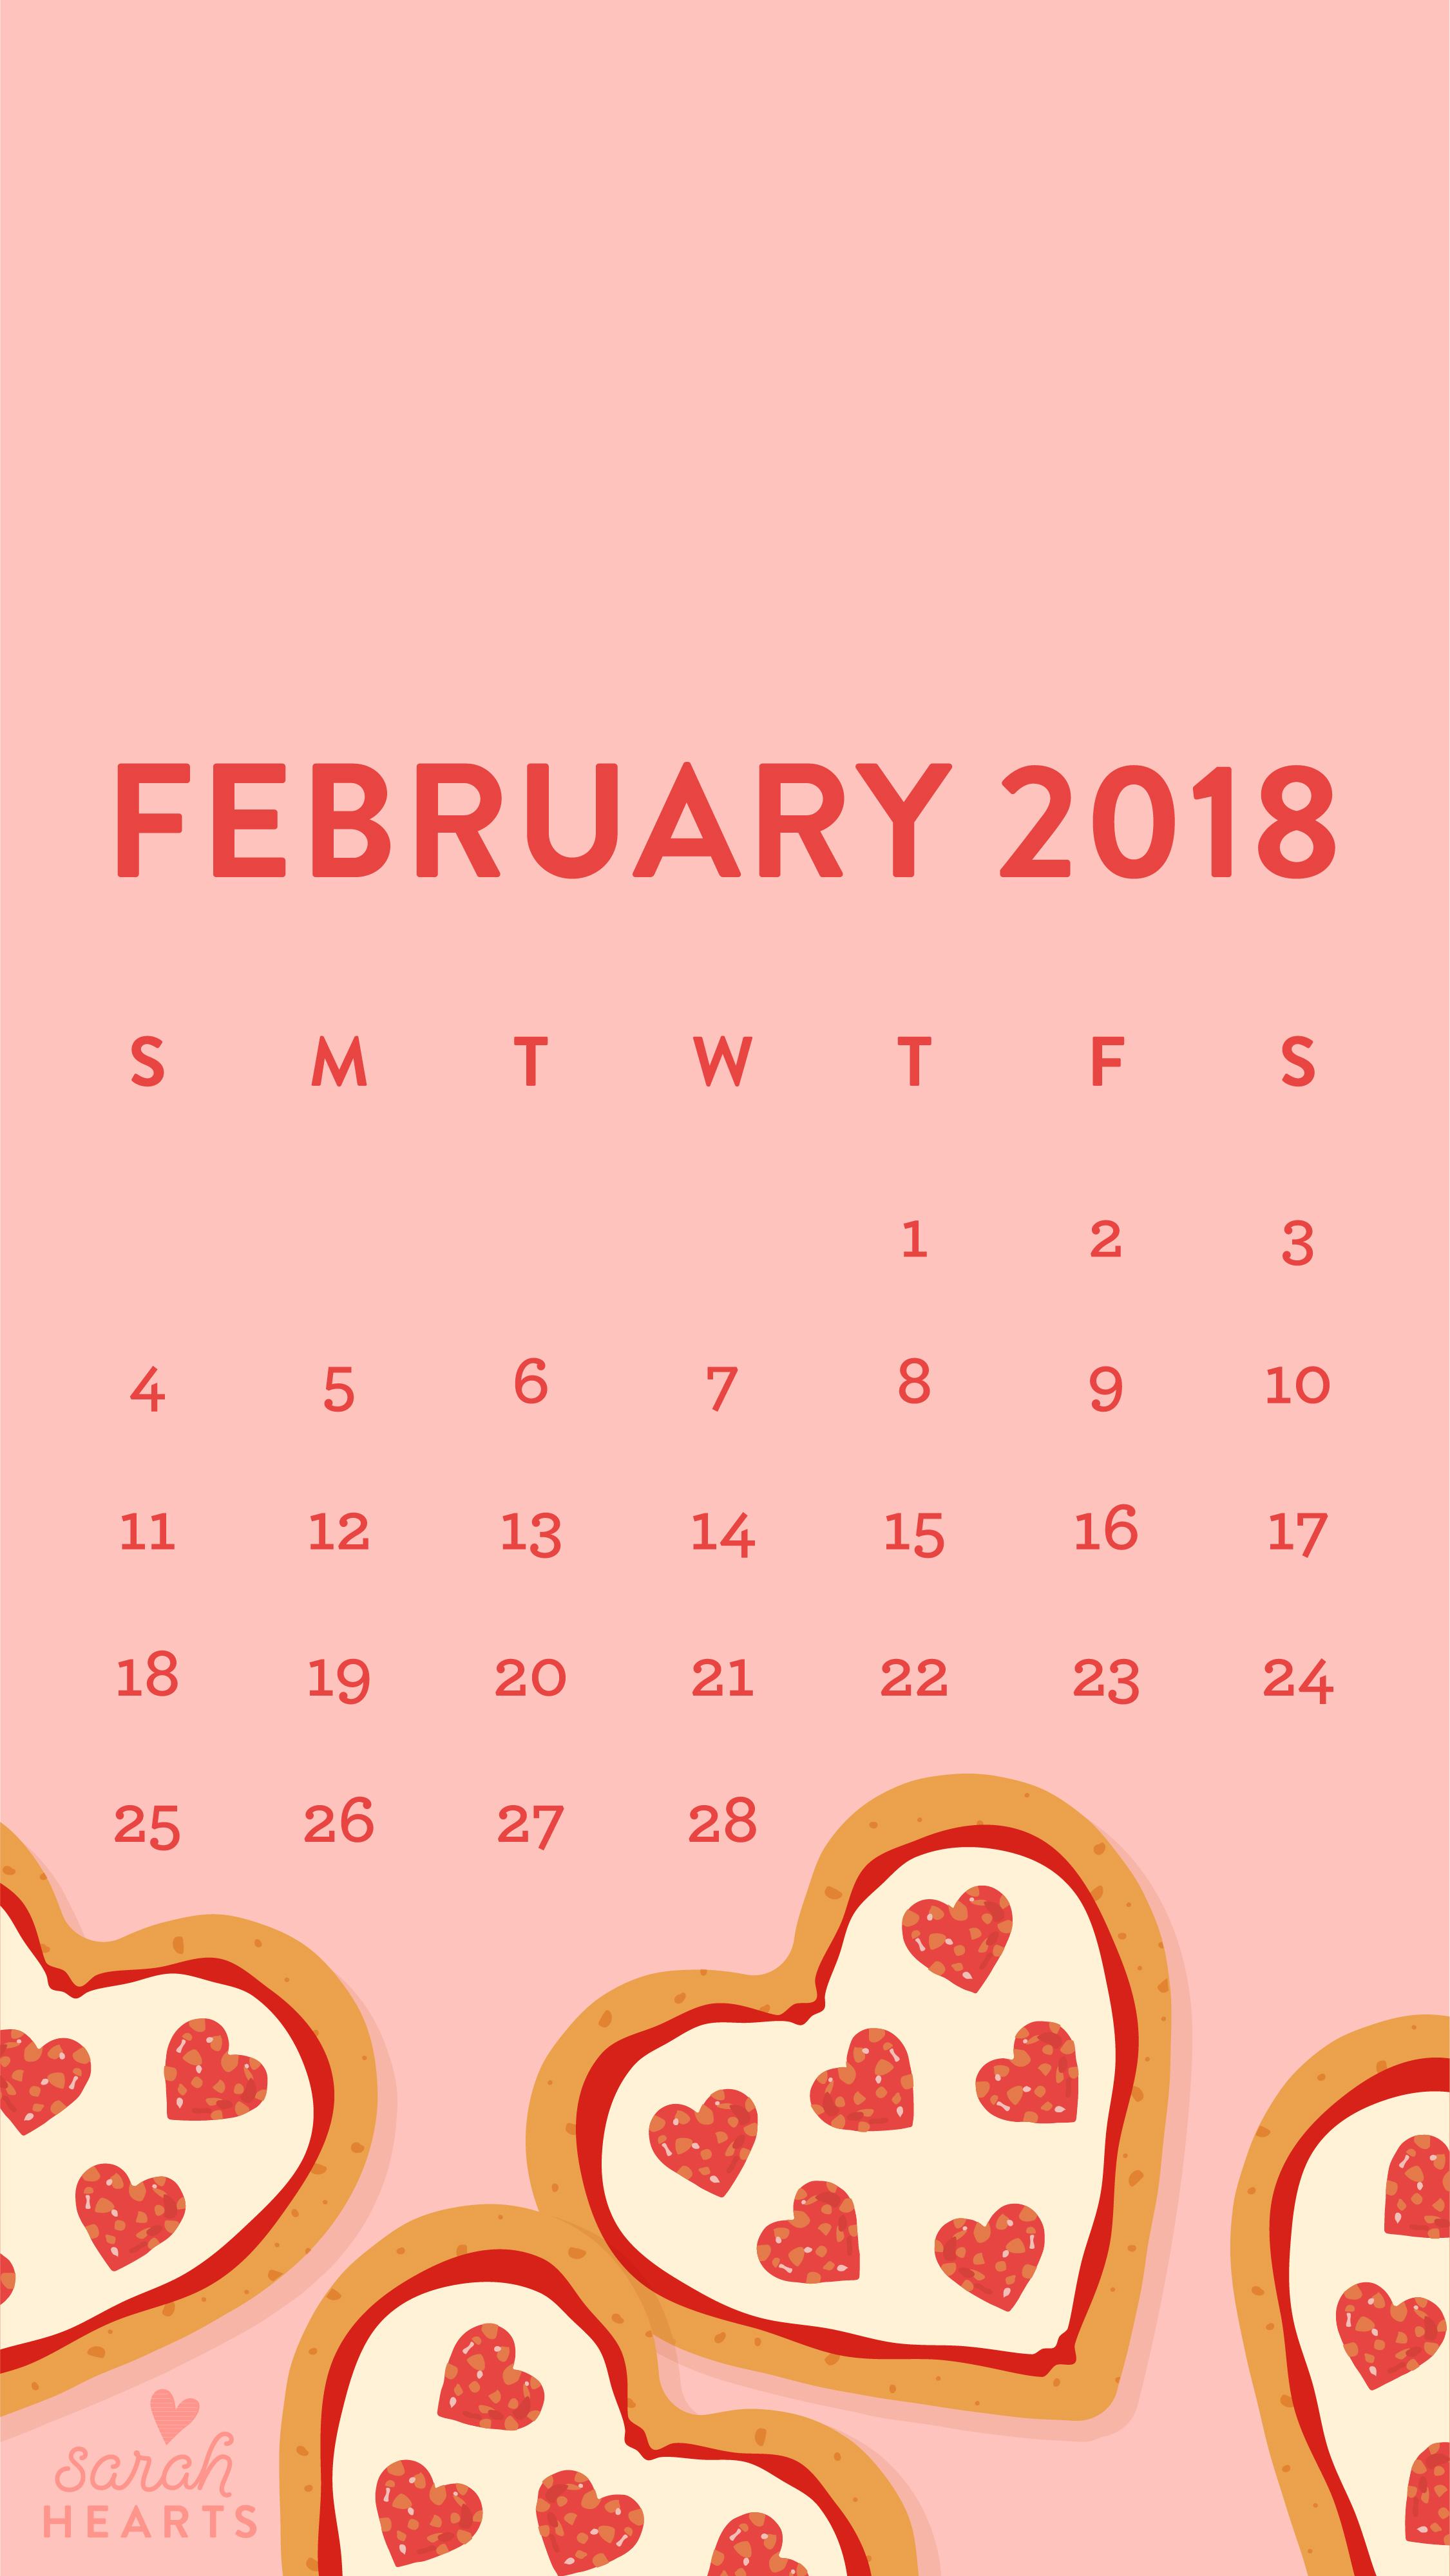 Cute Apple Watch Wallpaper Heart Shaped Pizza February 2018 Calendar Wallpaper